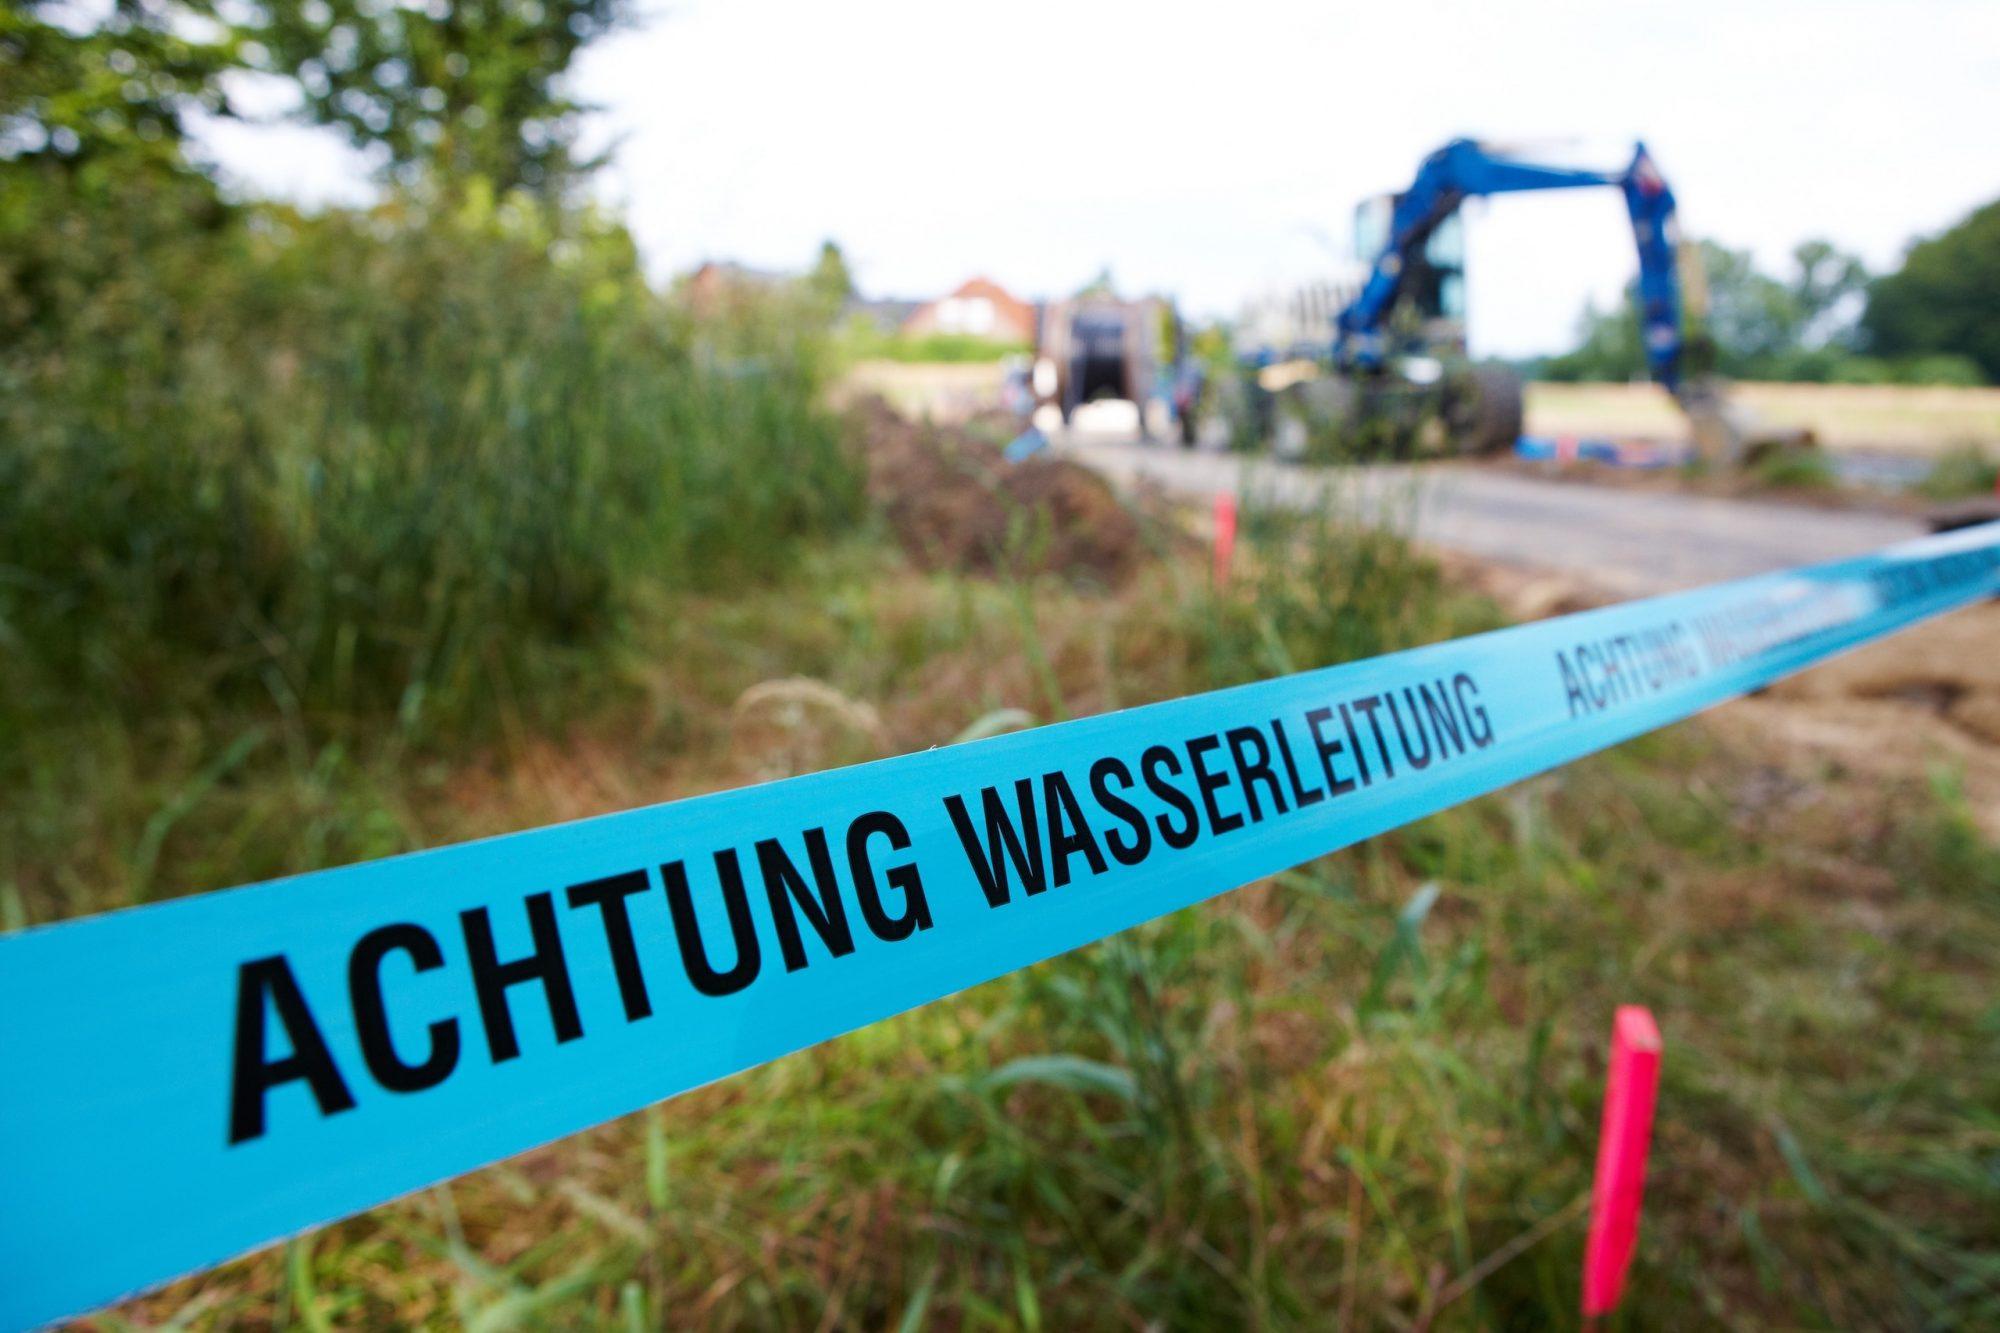 Sanierungsplanung_Achtung-Wasserleitung-c-fotolia.com_180316_135117.jpg